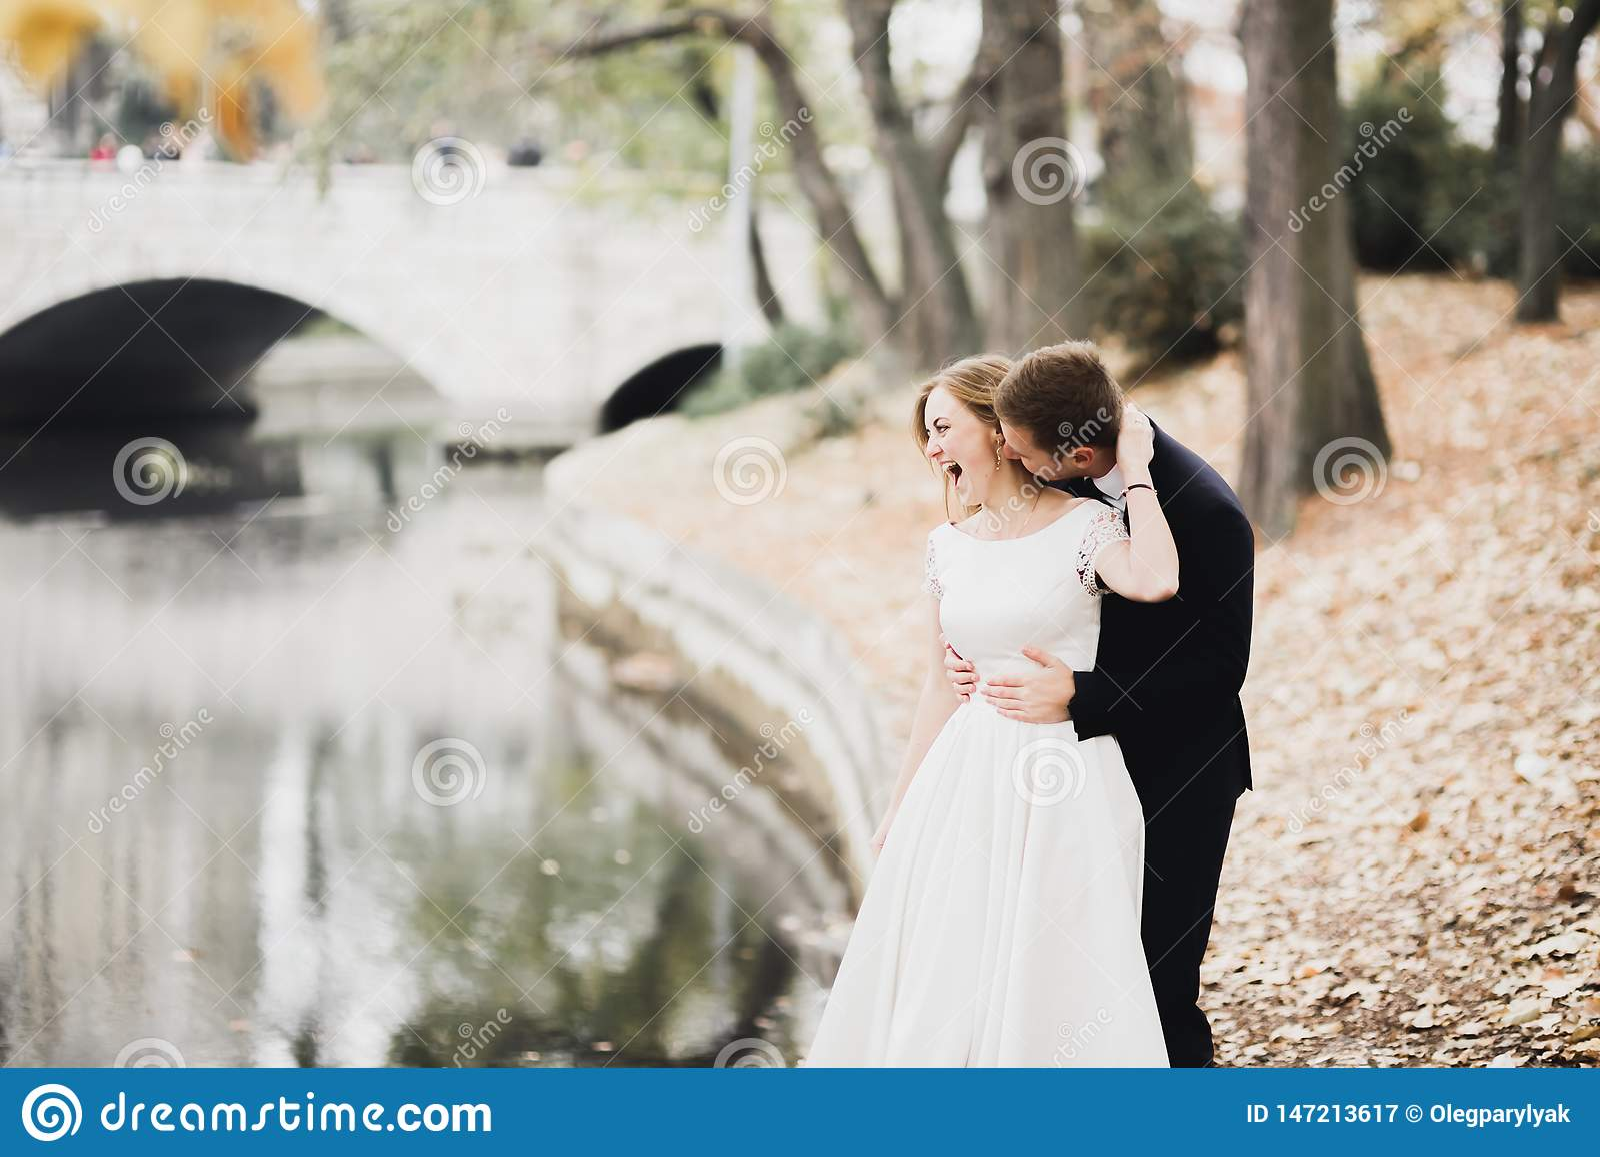 Sch?ne romantische Hochzeitspaare von den Jungverm?hlten, die im Park umarmen